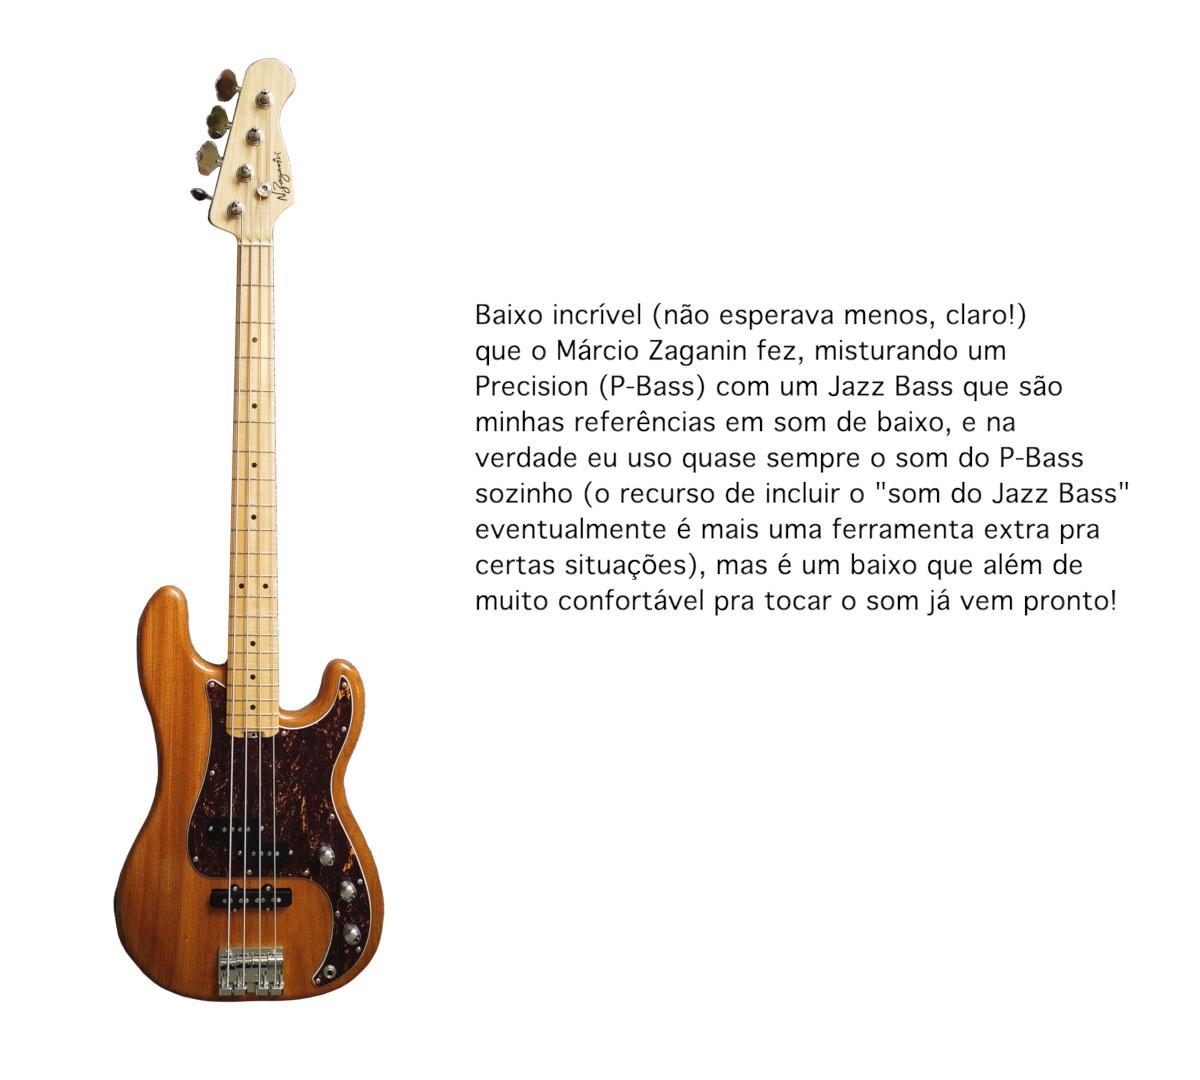 Baixo incrível (não esperava menos, claro!) que o Márcio fez, misturando um Precision com um Jazz Bass que são minhas referências em som de baixo, e na verdade eu uso quase sempre o som do P-Bass sozinho, mas é um baixo que além de muito confortável pra tocar o som já vem pronto!